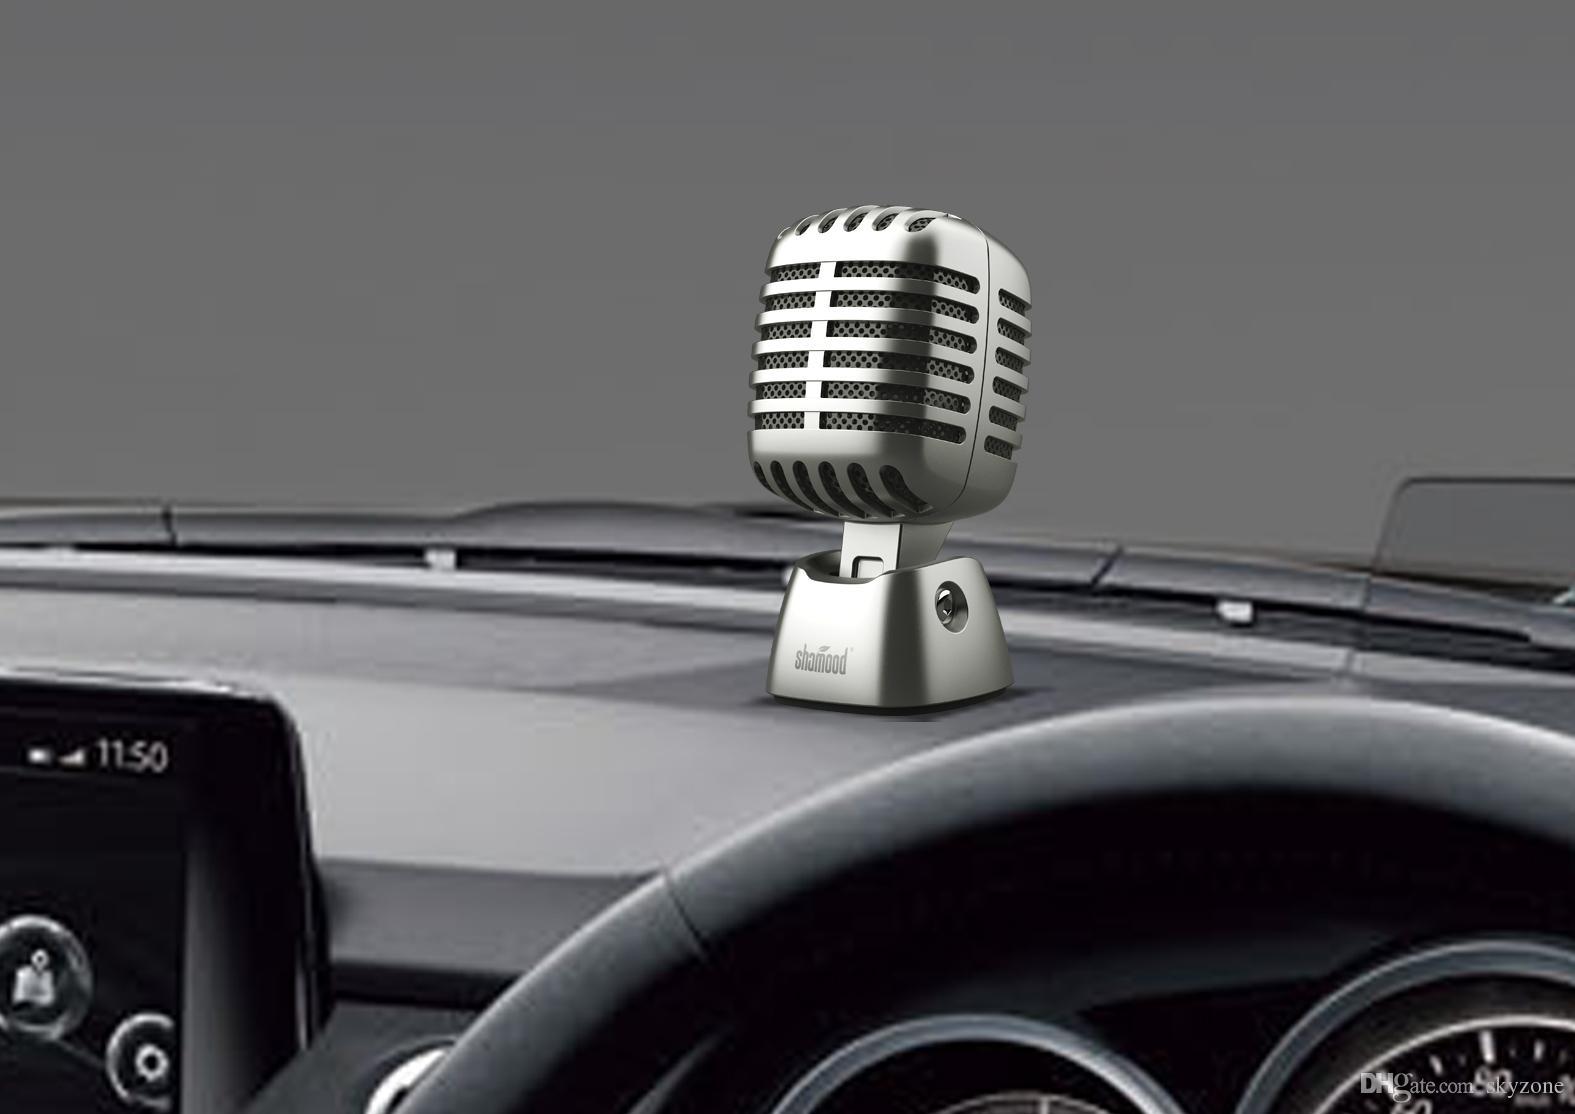 2019 1102000 My Favourite Car Air Freshener Cool Design Micman Air